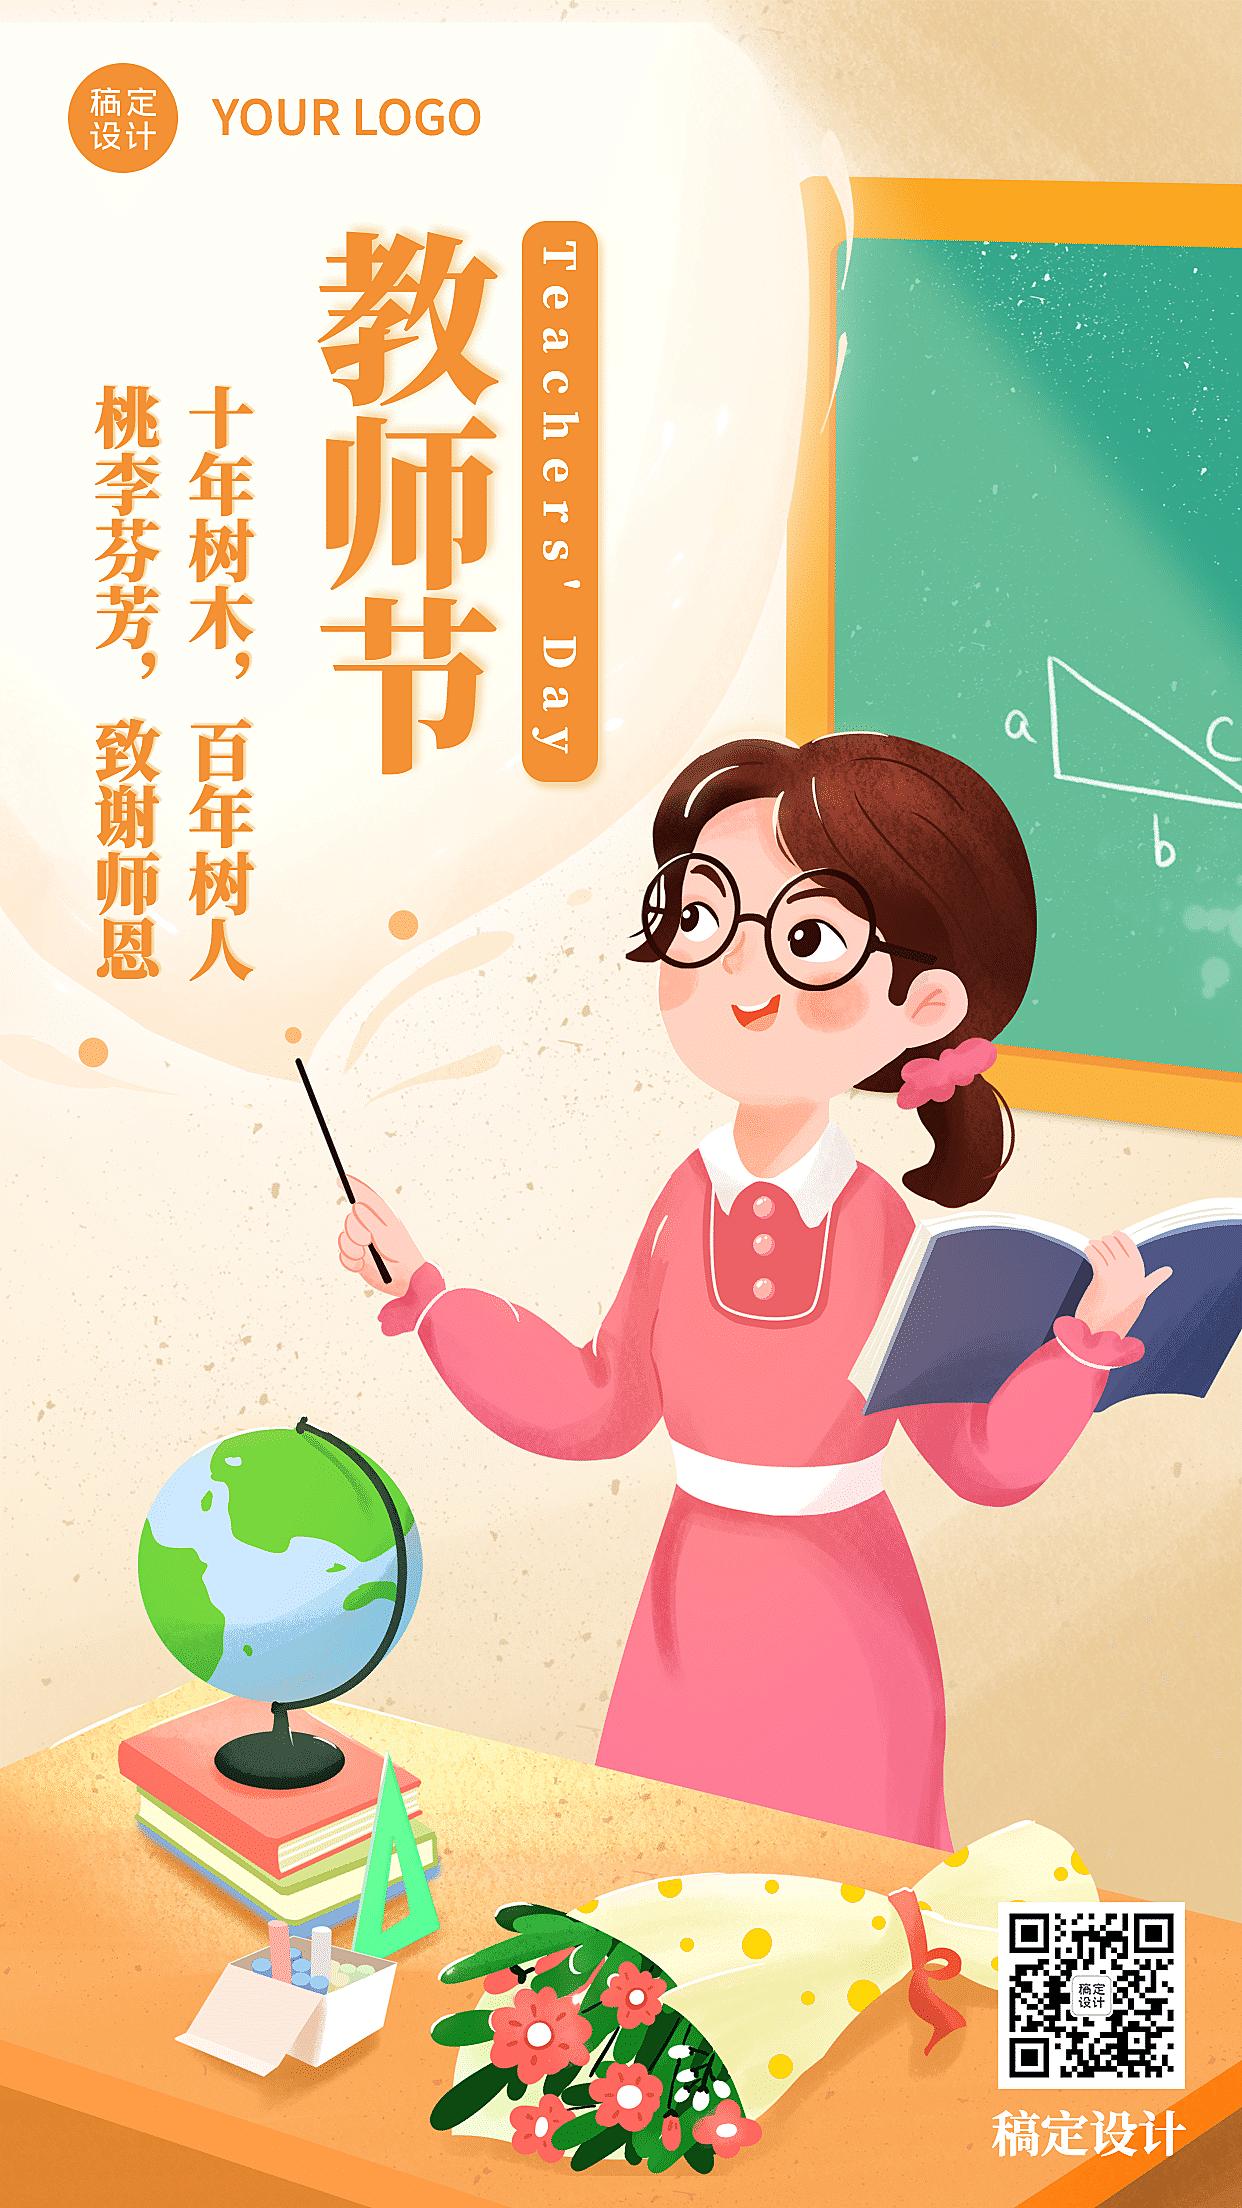 教师节祝福感谢老师手绘手机海报